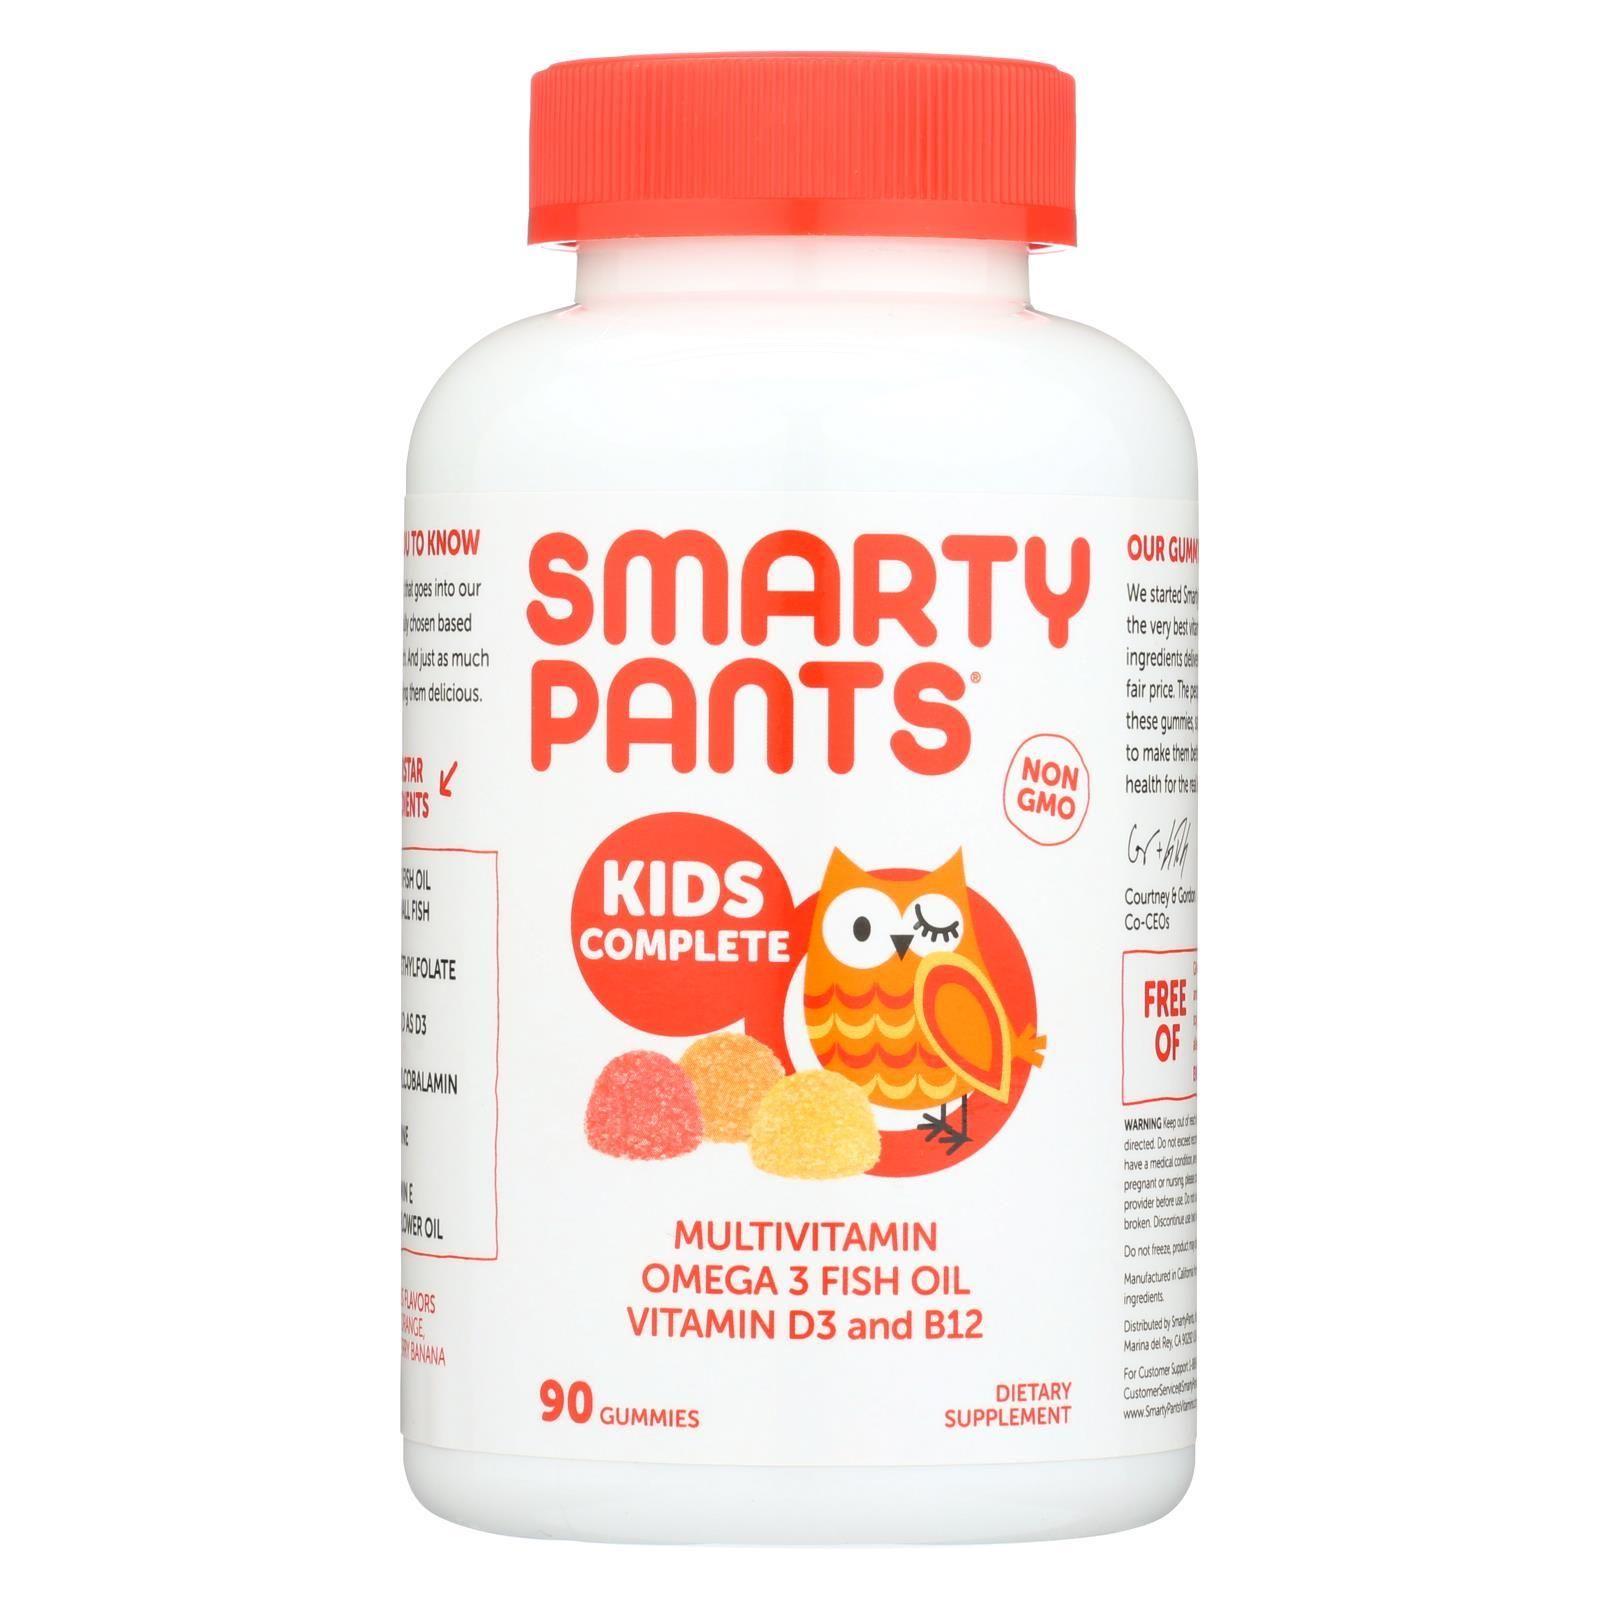 Smartypants Gummy Vitamin Multi Kid Complex 90 Count In 2021 Gummy Vitamins Fish Oil Vitamins Vitamins